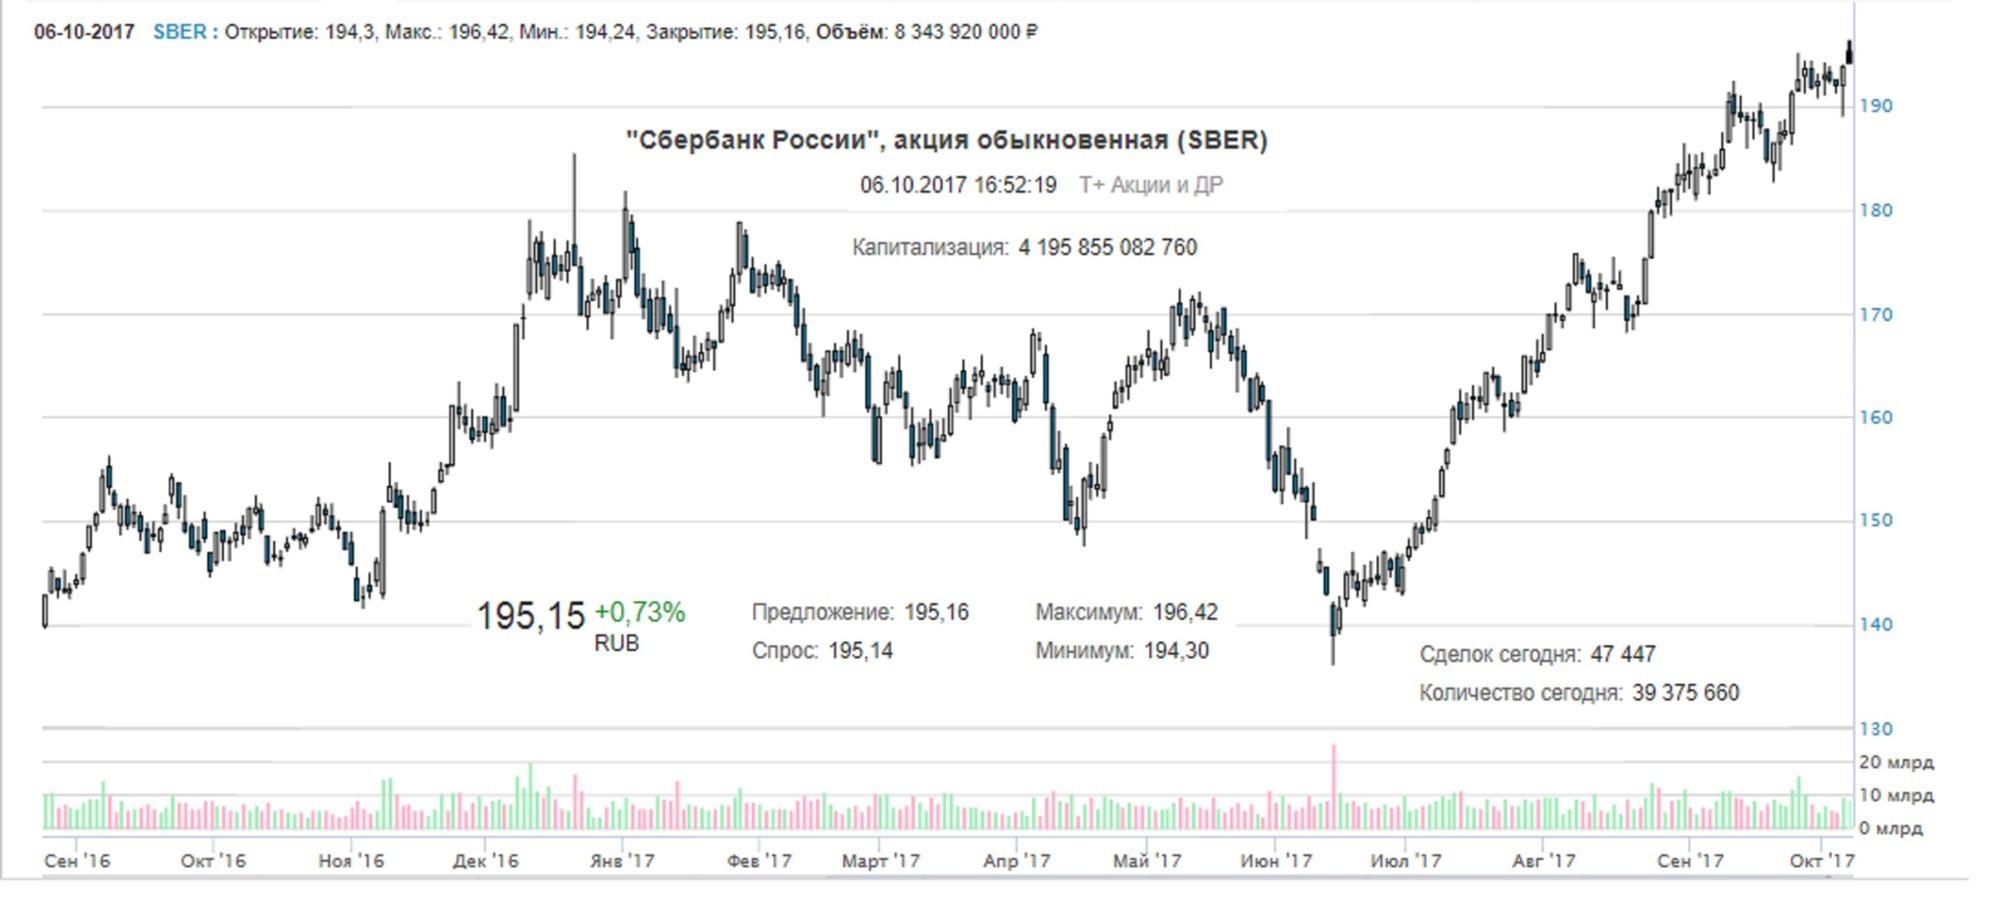 Цена акций Сбербанка обновила исторический максимум